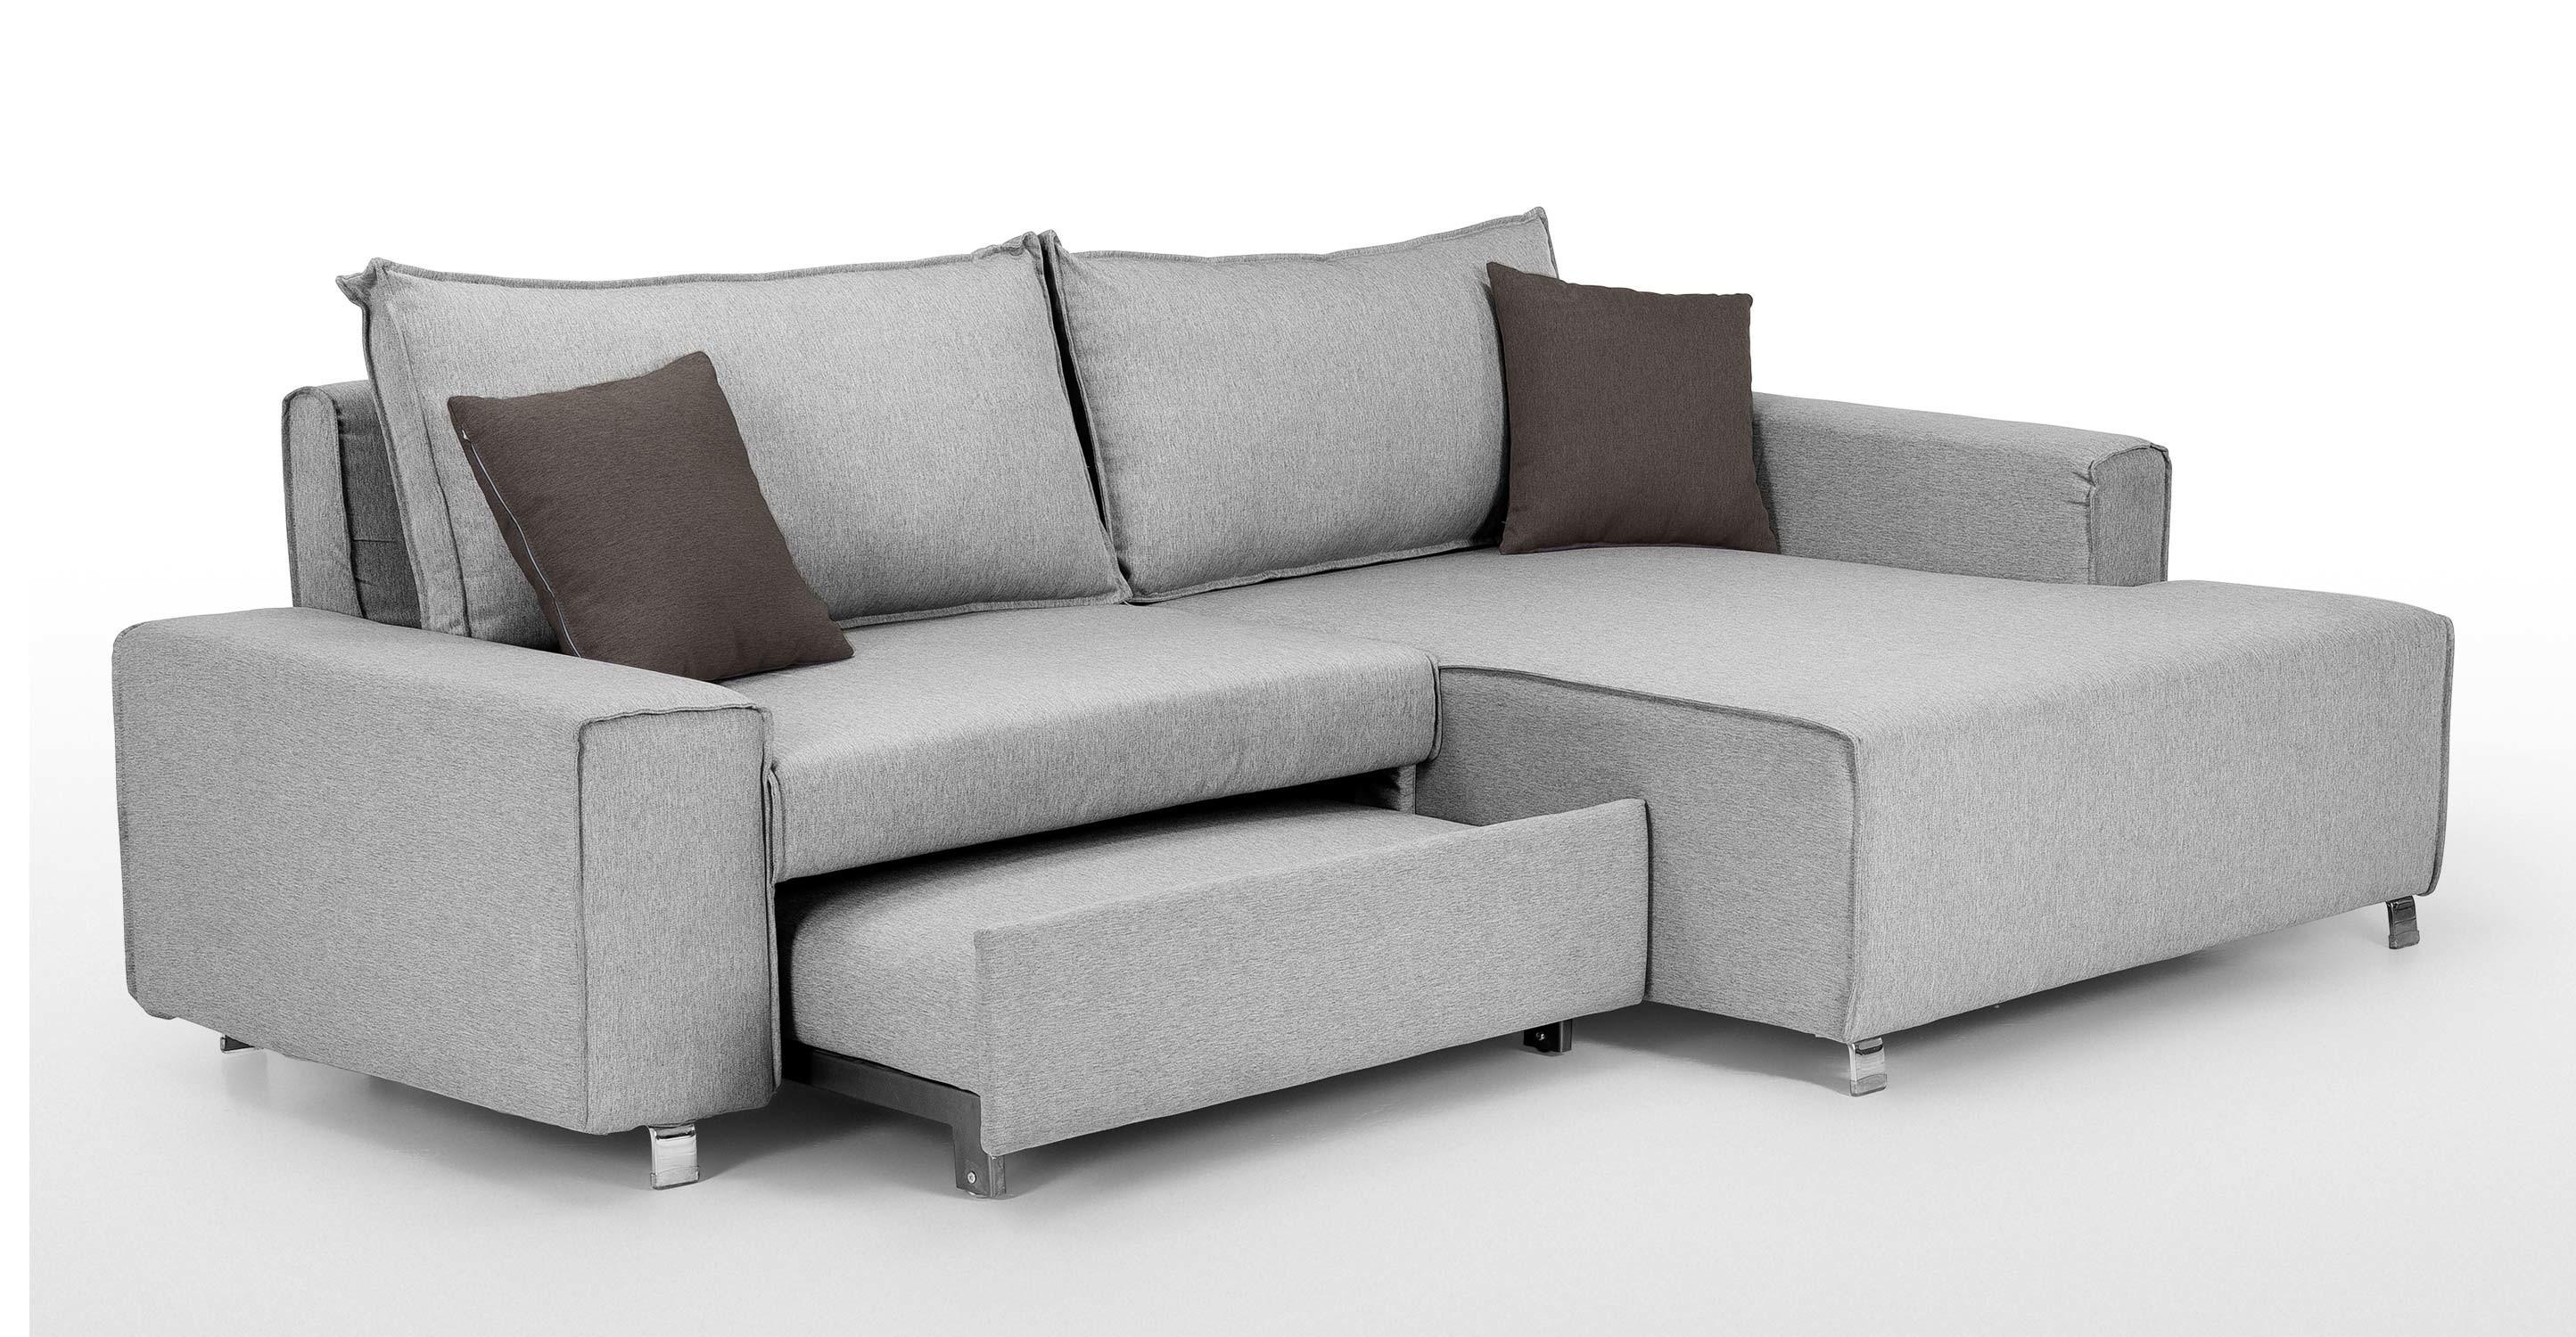 Sofas : Awesome Large Leather Corner Sofa 2 Seater Corner Sofa Pertaining To Sofa Corner Units (Image 22 of 24)